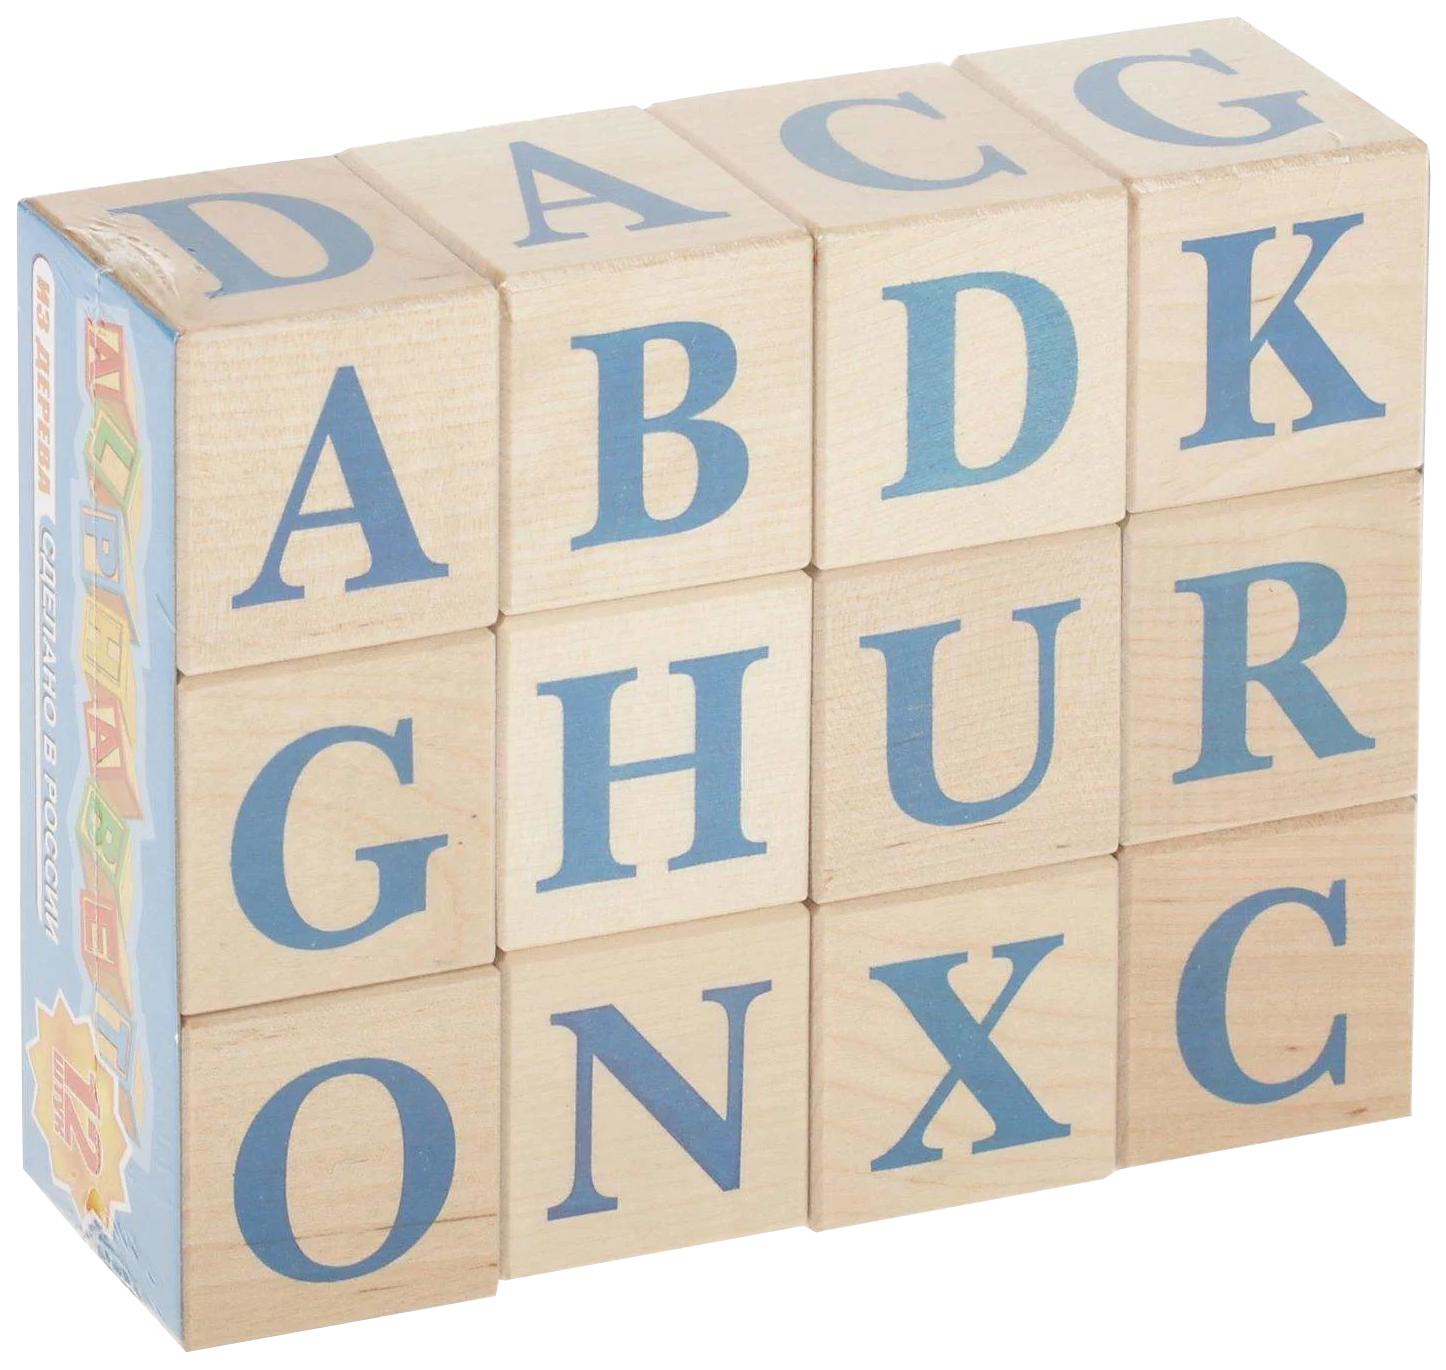 сиденья алфавит английский в картинках для кубиков участка тепломагистрали